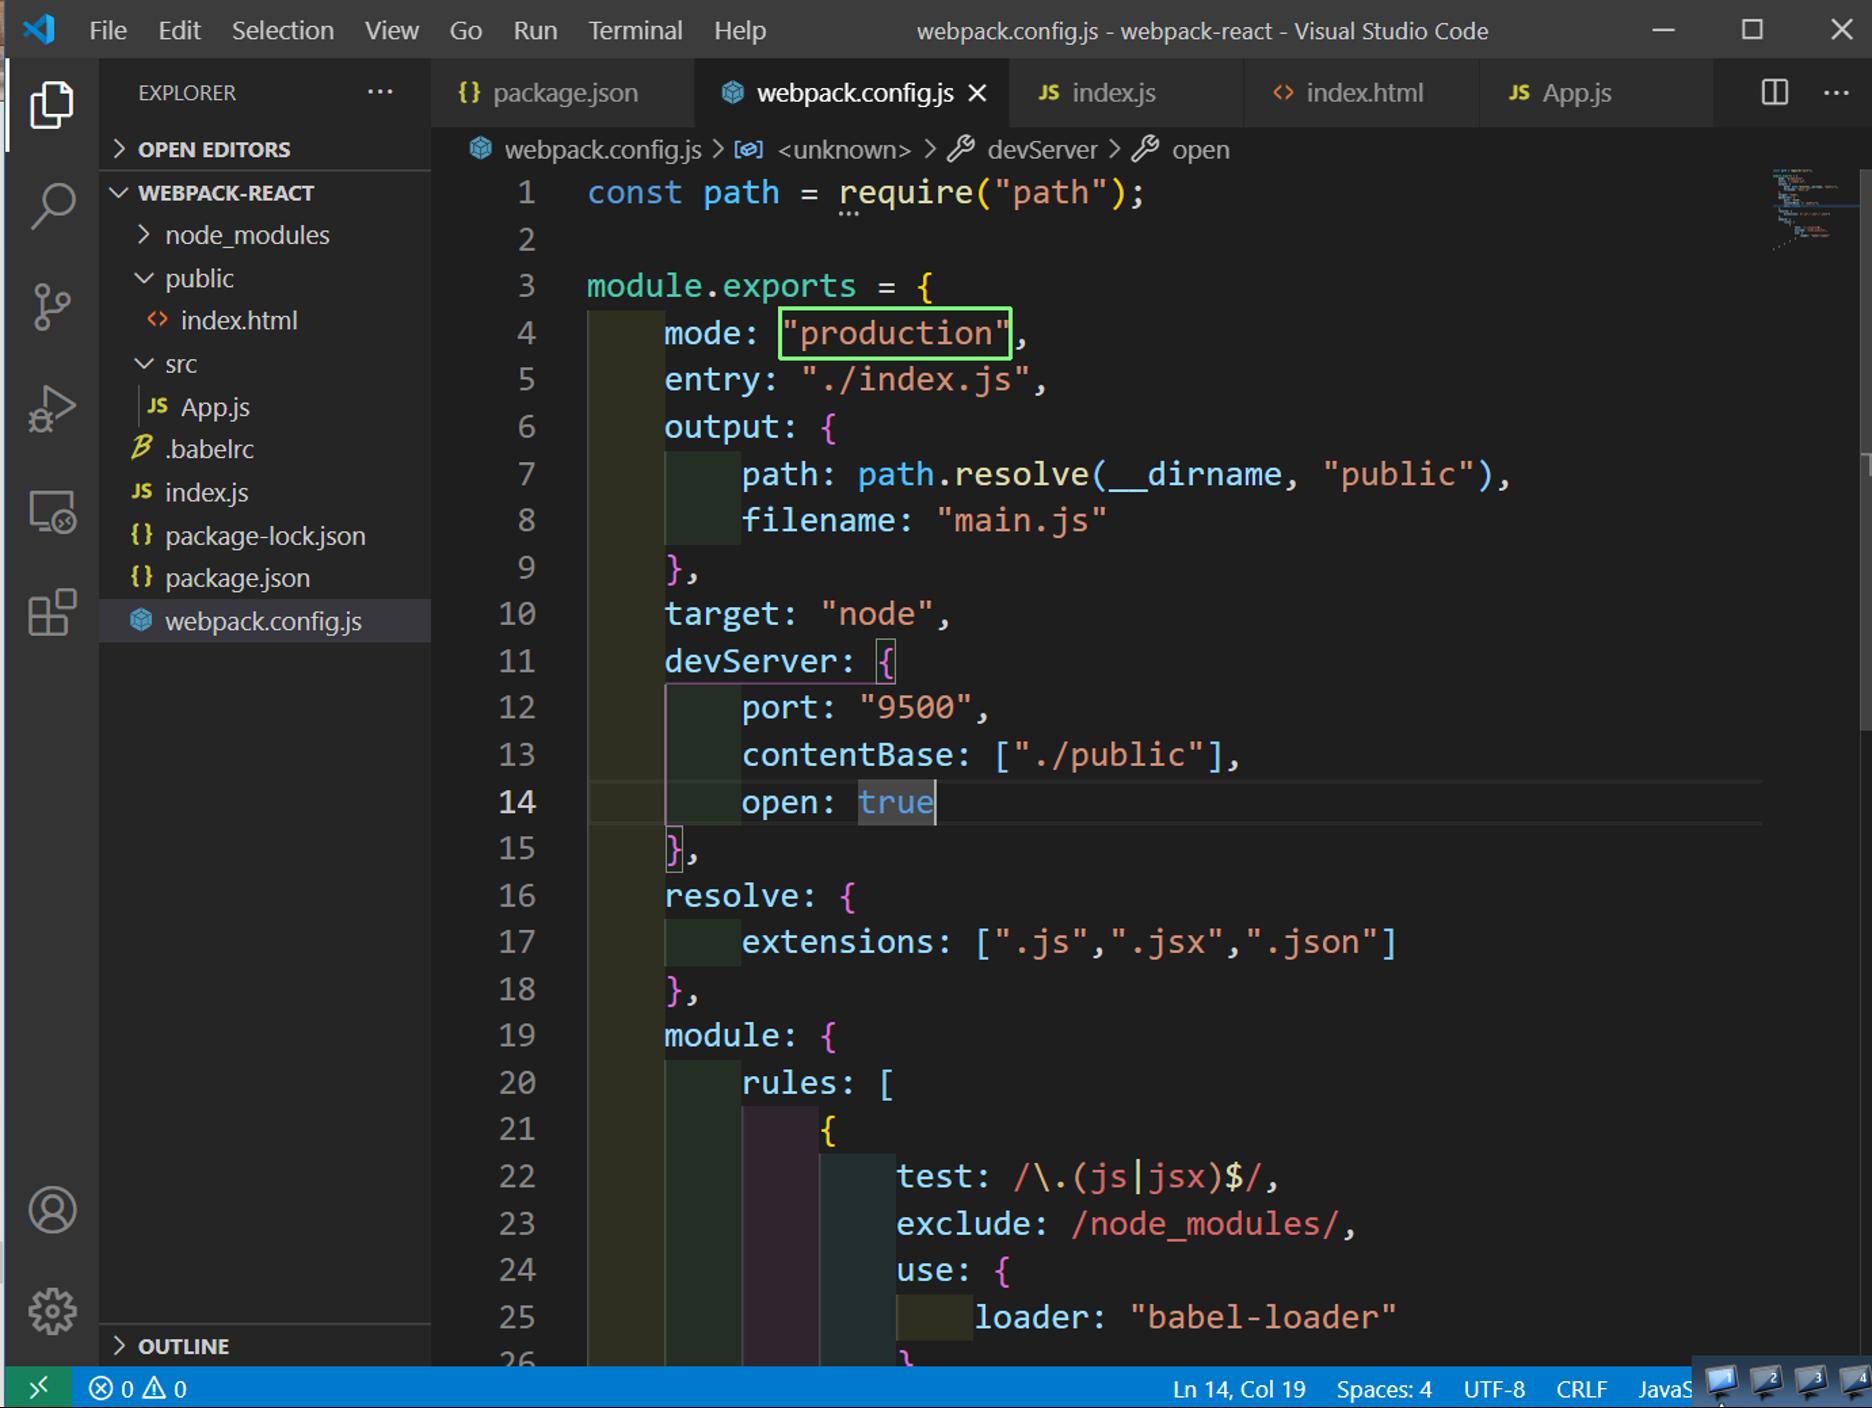 webpack-config-js-screen4